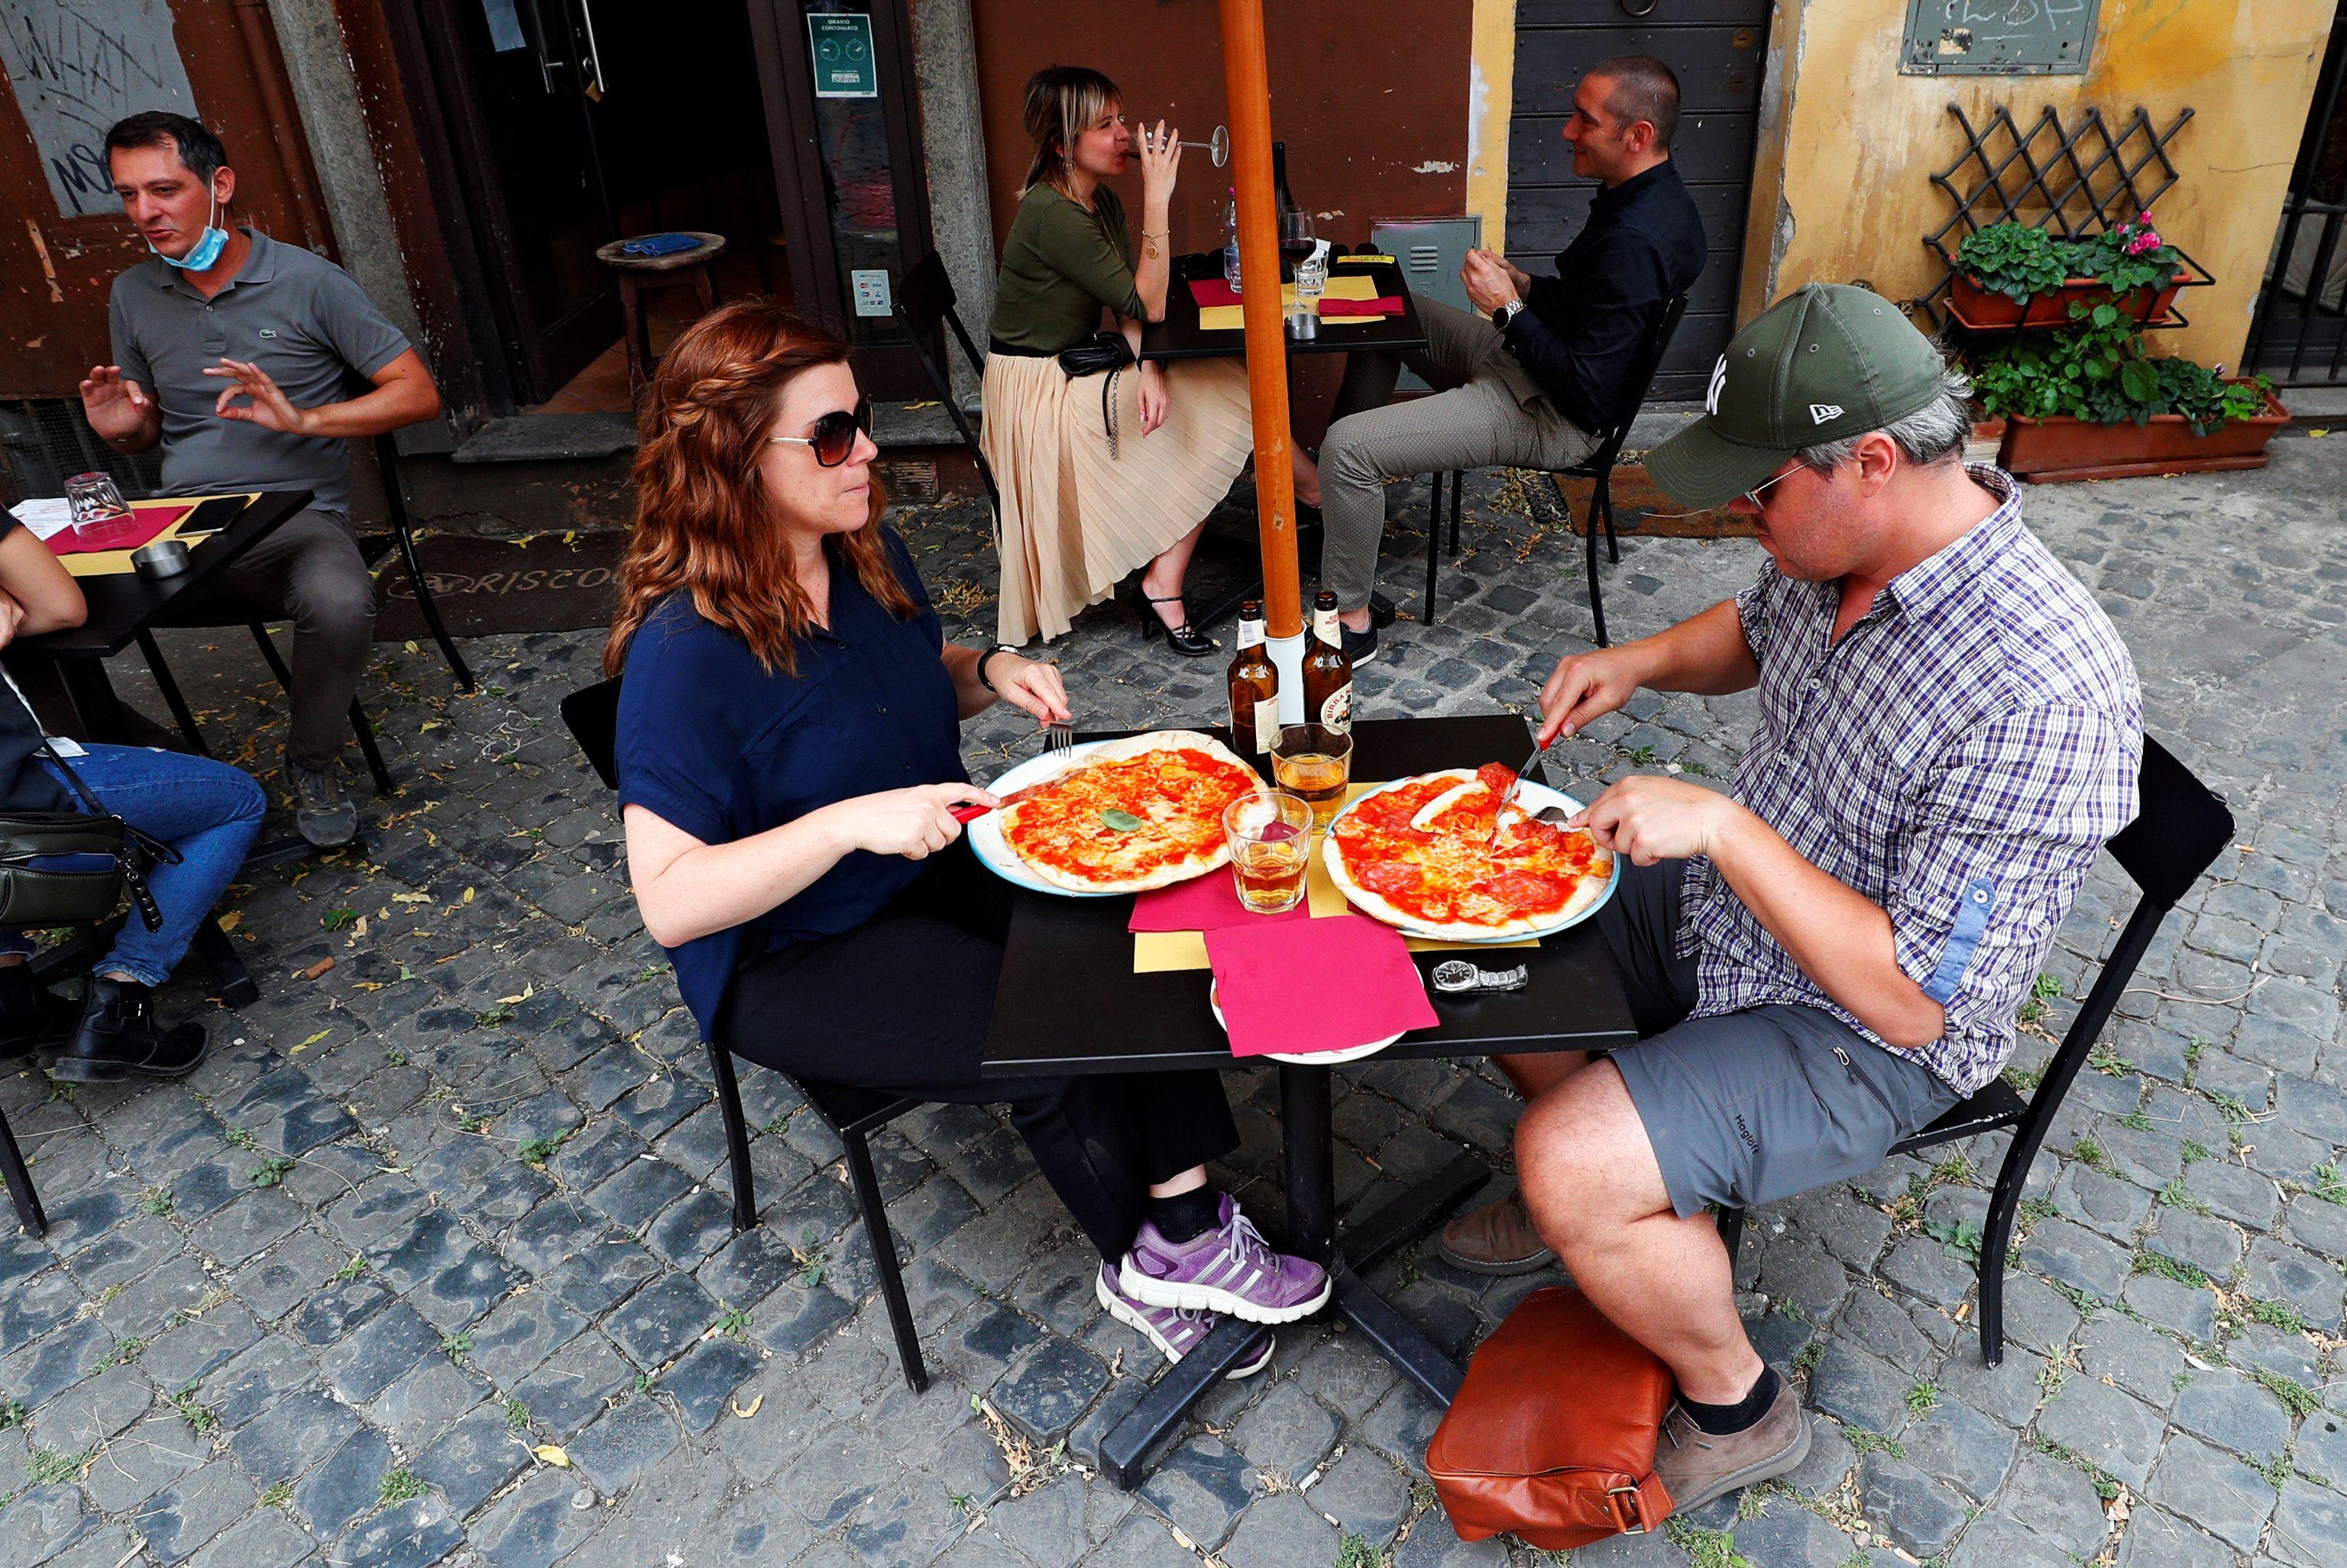 Dos personas comen una pizza en Trastevere, en Roma (Reuters/ Guglielmo Mangiapane)